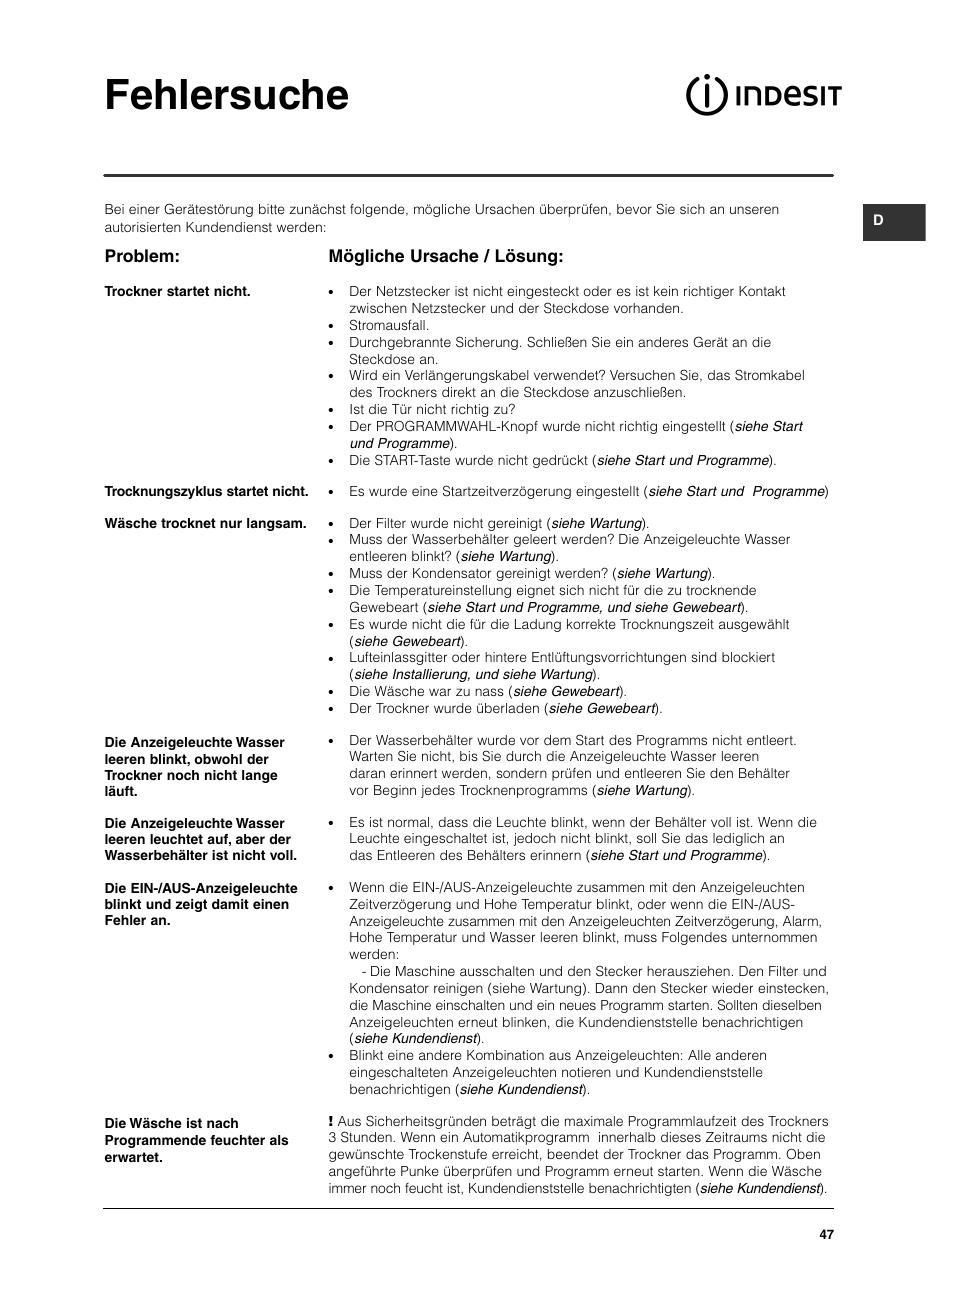 Groß Schematisches Sicherungssymbol Zeitgenössisch - Schaltplan ...